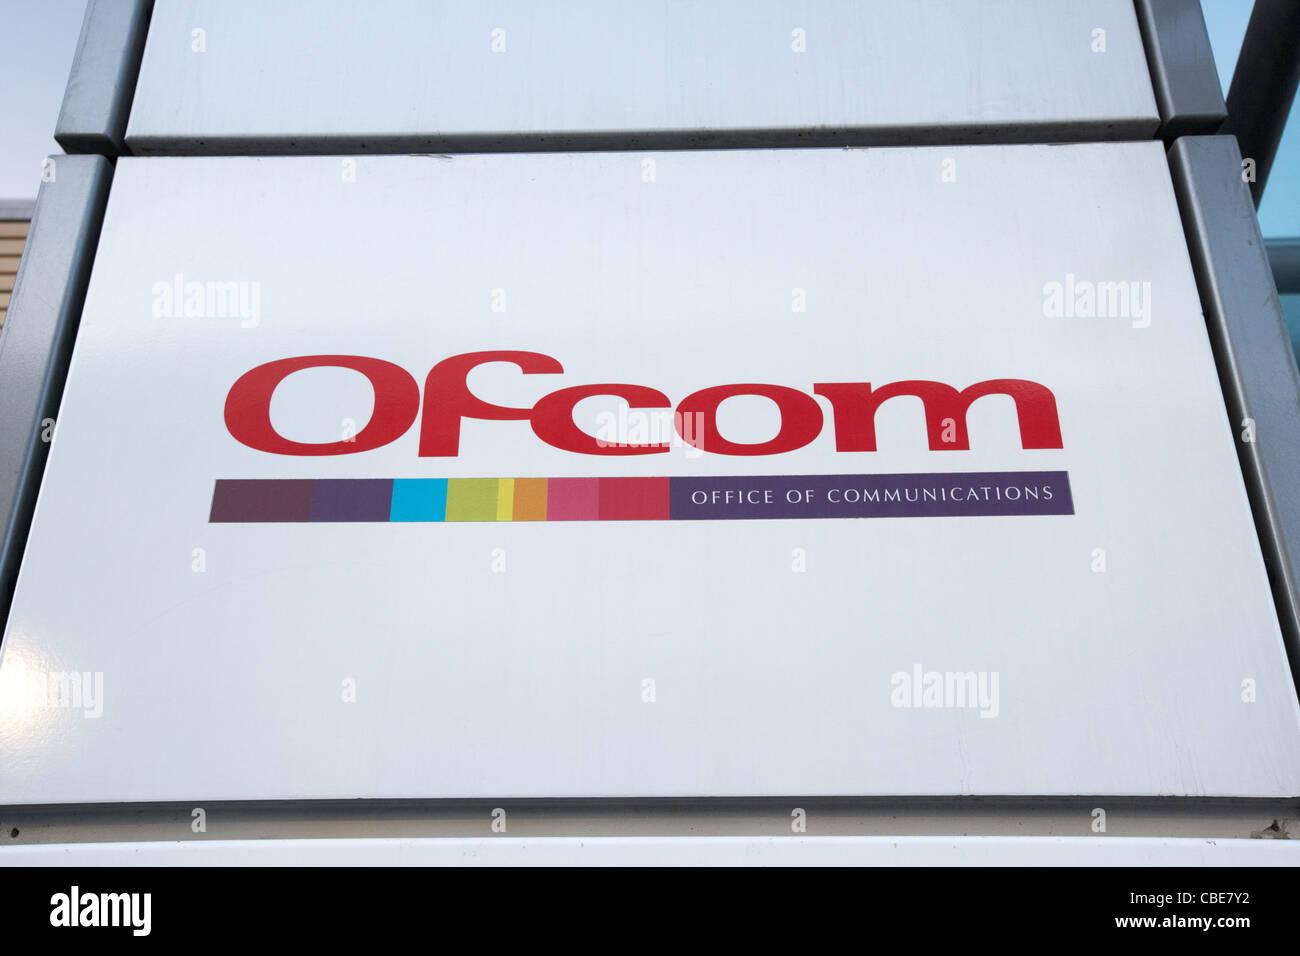 ofcom headquarters logo London England Uk United Kingdom - Stock Image